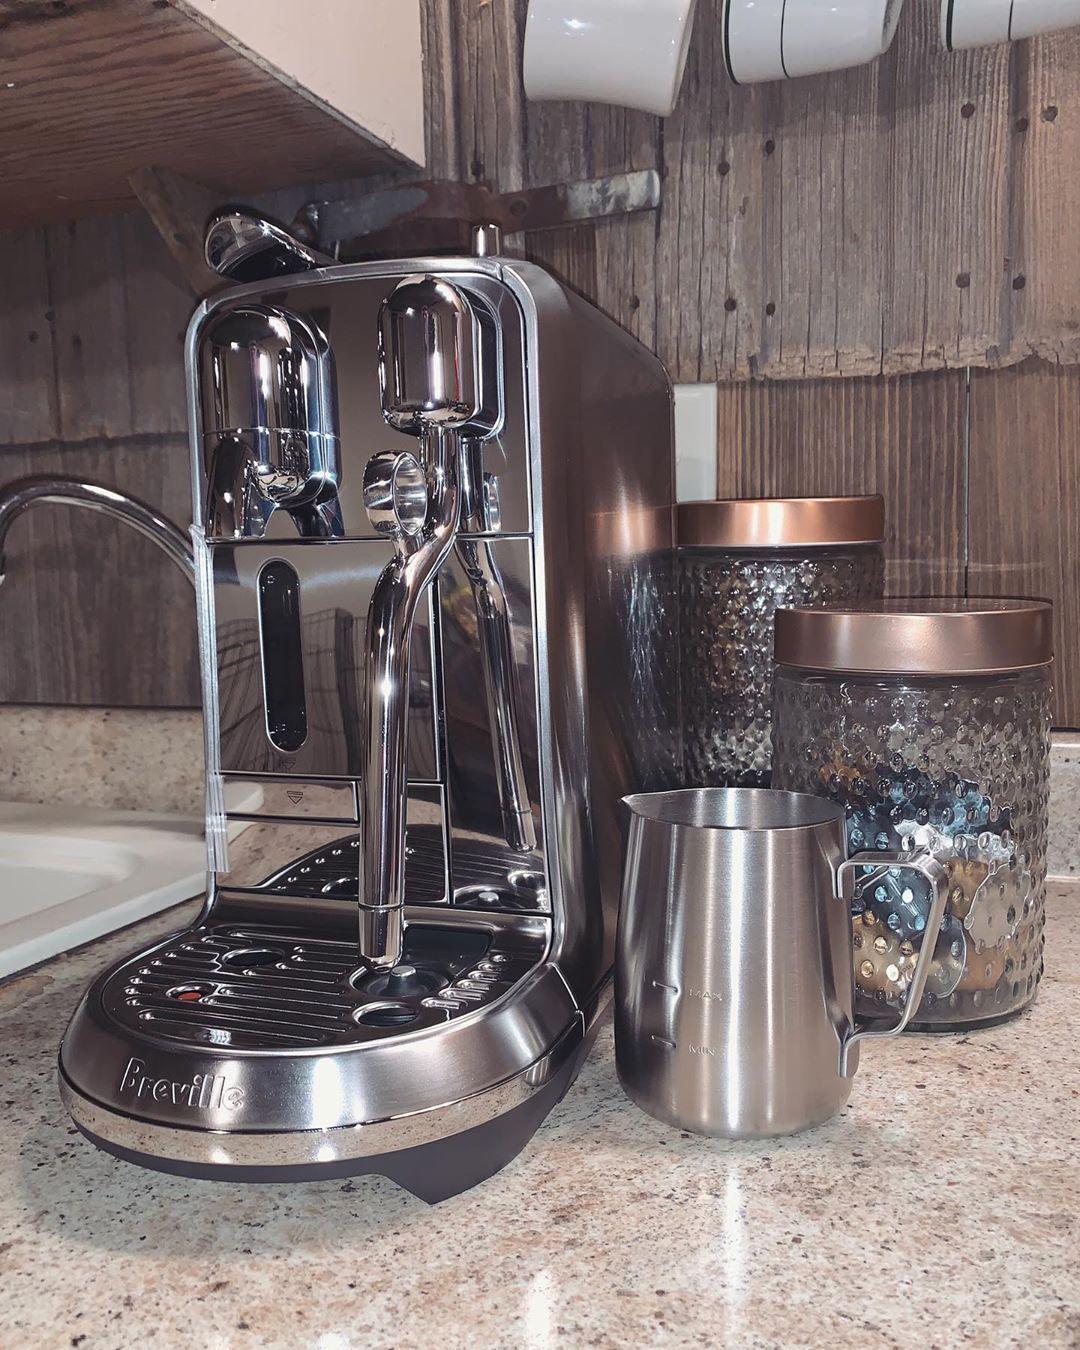 H o c u s  P o c u s ????✨ I need ESPRESSO to focus ☕️???? // So happy that I can get my caffeine fix at home now- much needed before work!???????? • • • • • • •  nespresso  nespressocreatista  creatistaplus  creatista  exbarista  espresso  latte  nurse  nursesofinsta  instanurse  lpn  travelnurse  travelingnurse  nespressomoments  nurselife #espressoathome